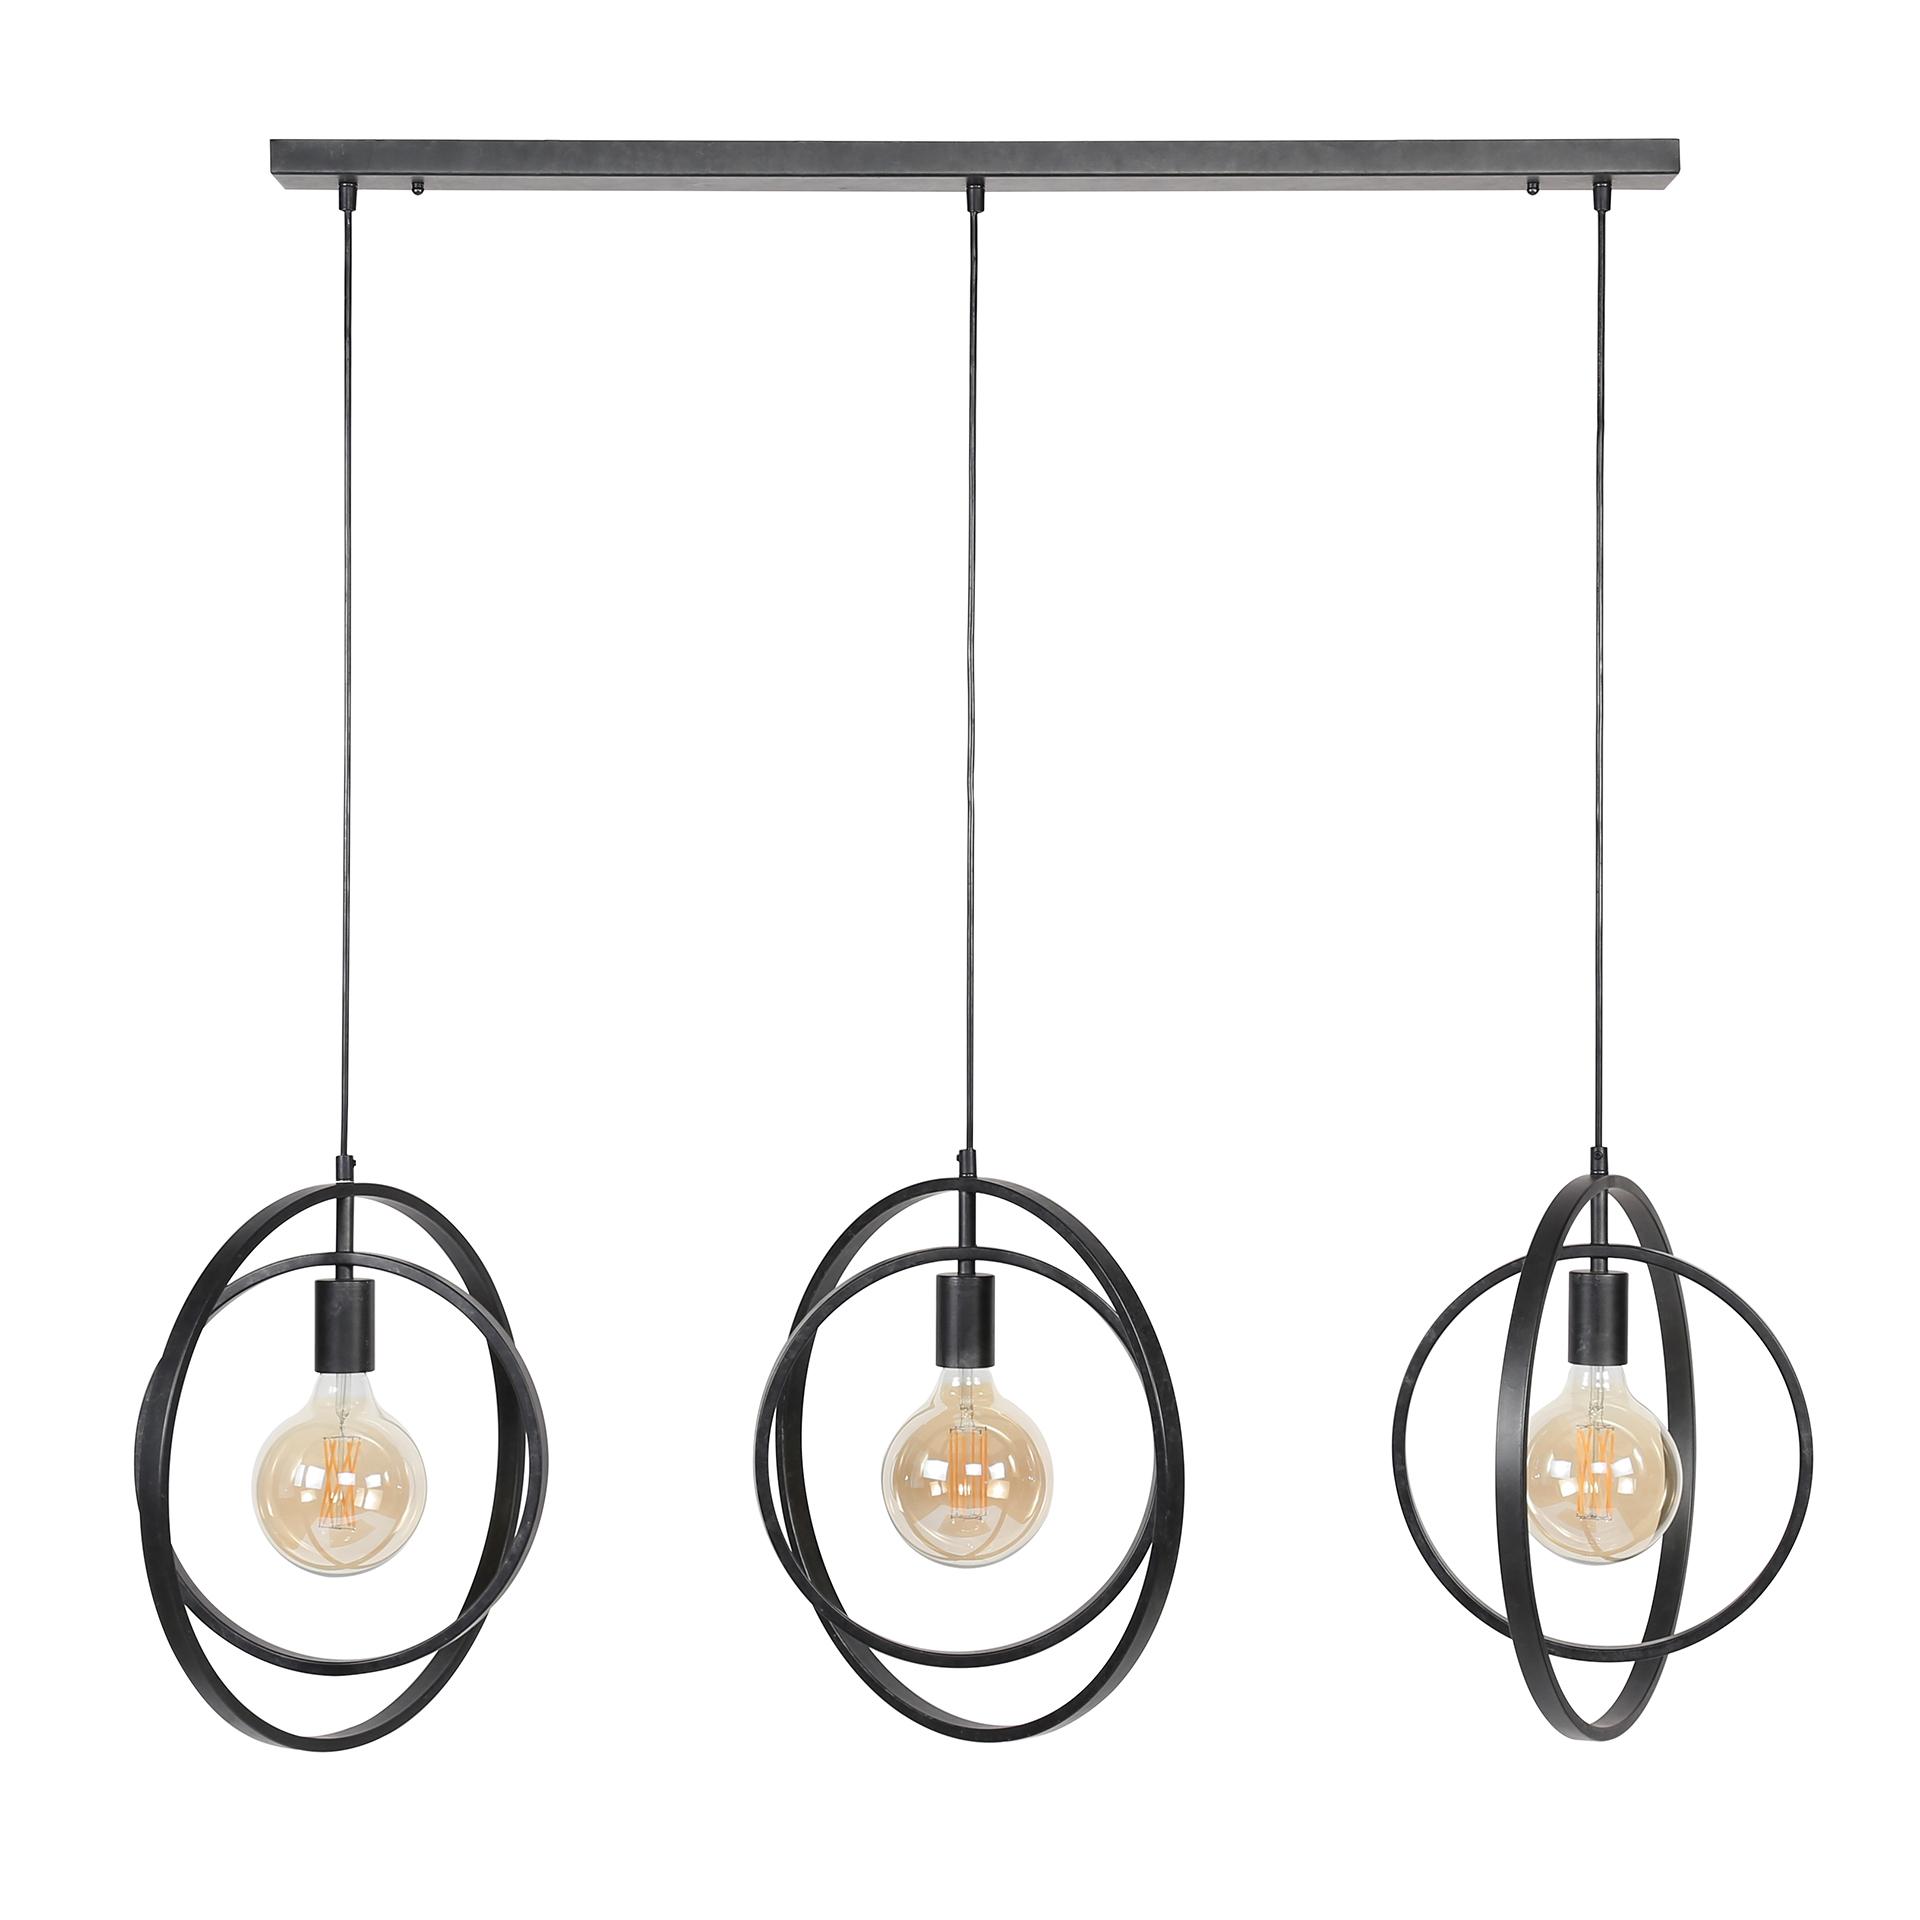 suspension industrielle 3 lampes anneaux croisés tribeca